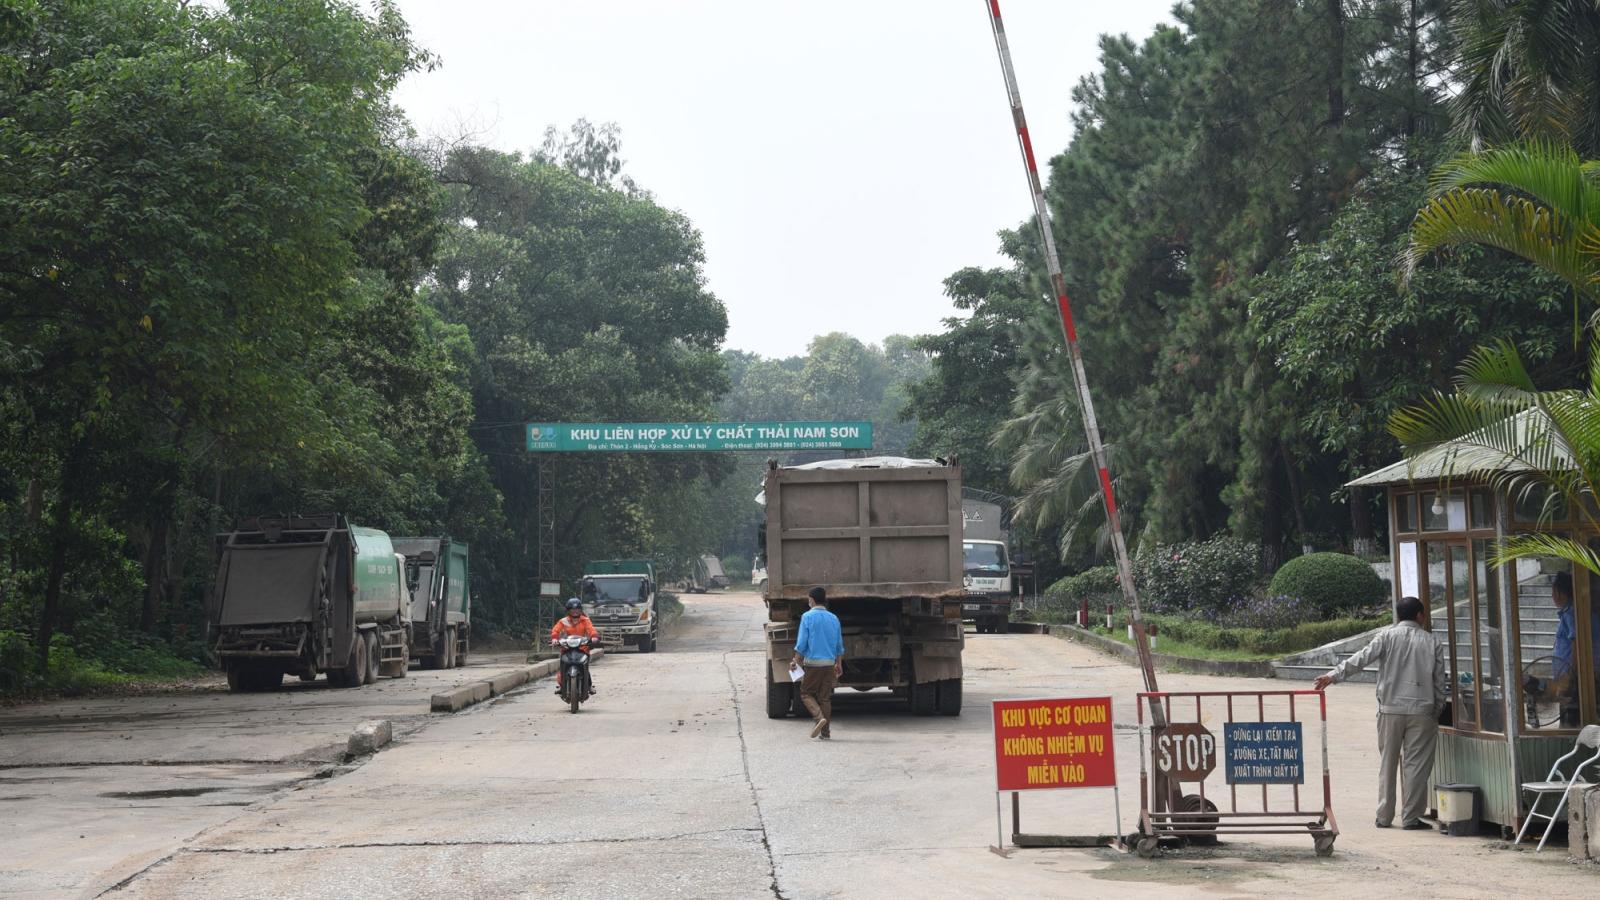 Hà Nội tiếp tục đẩy nhanh việc xử lý vướng mắc tại bãi rác Sóc Sơn